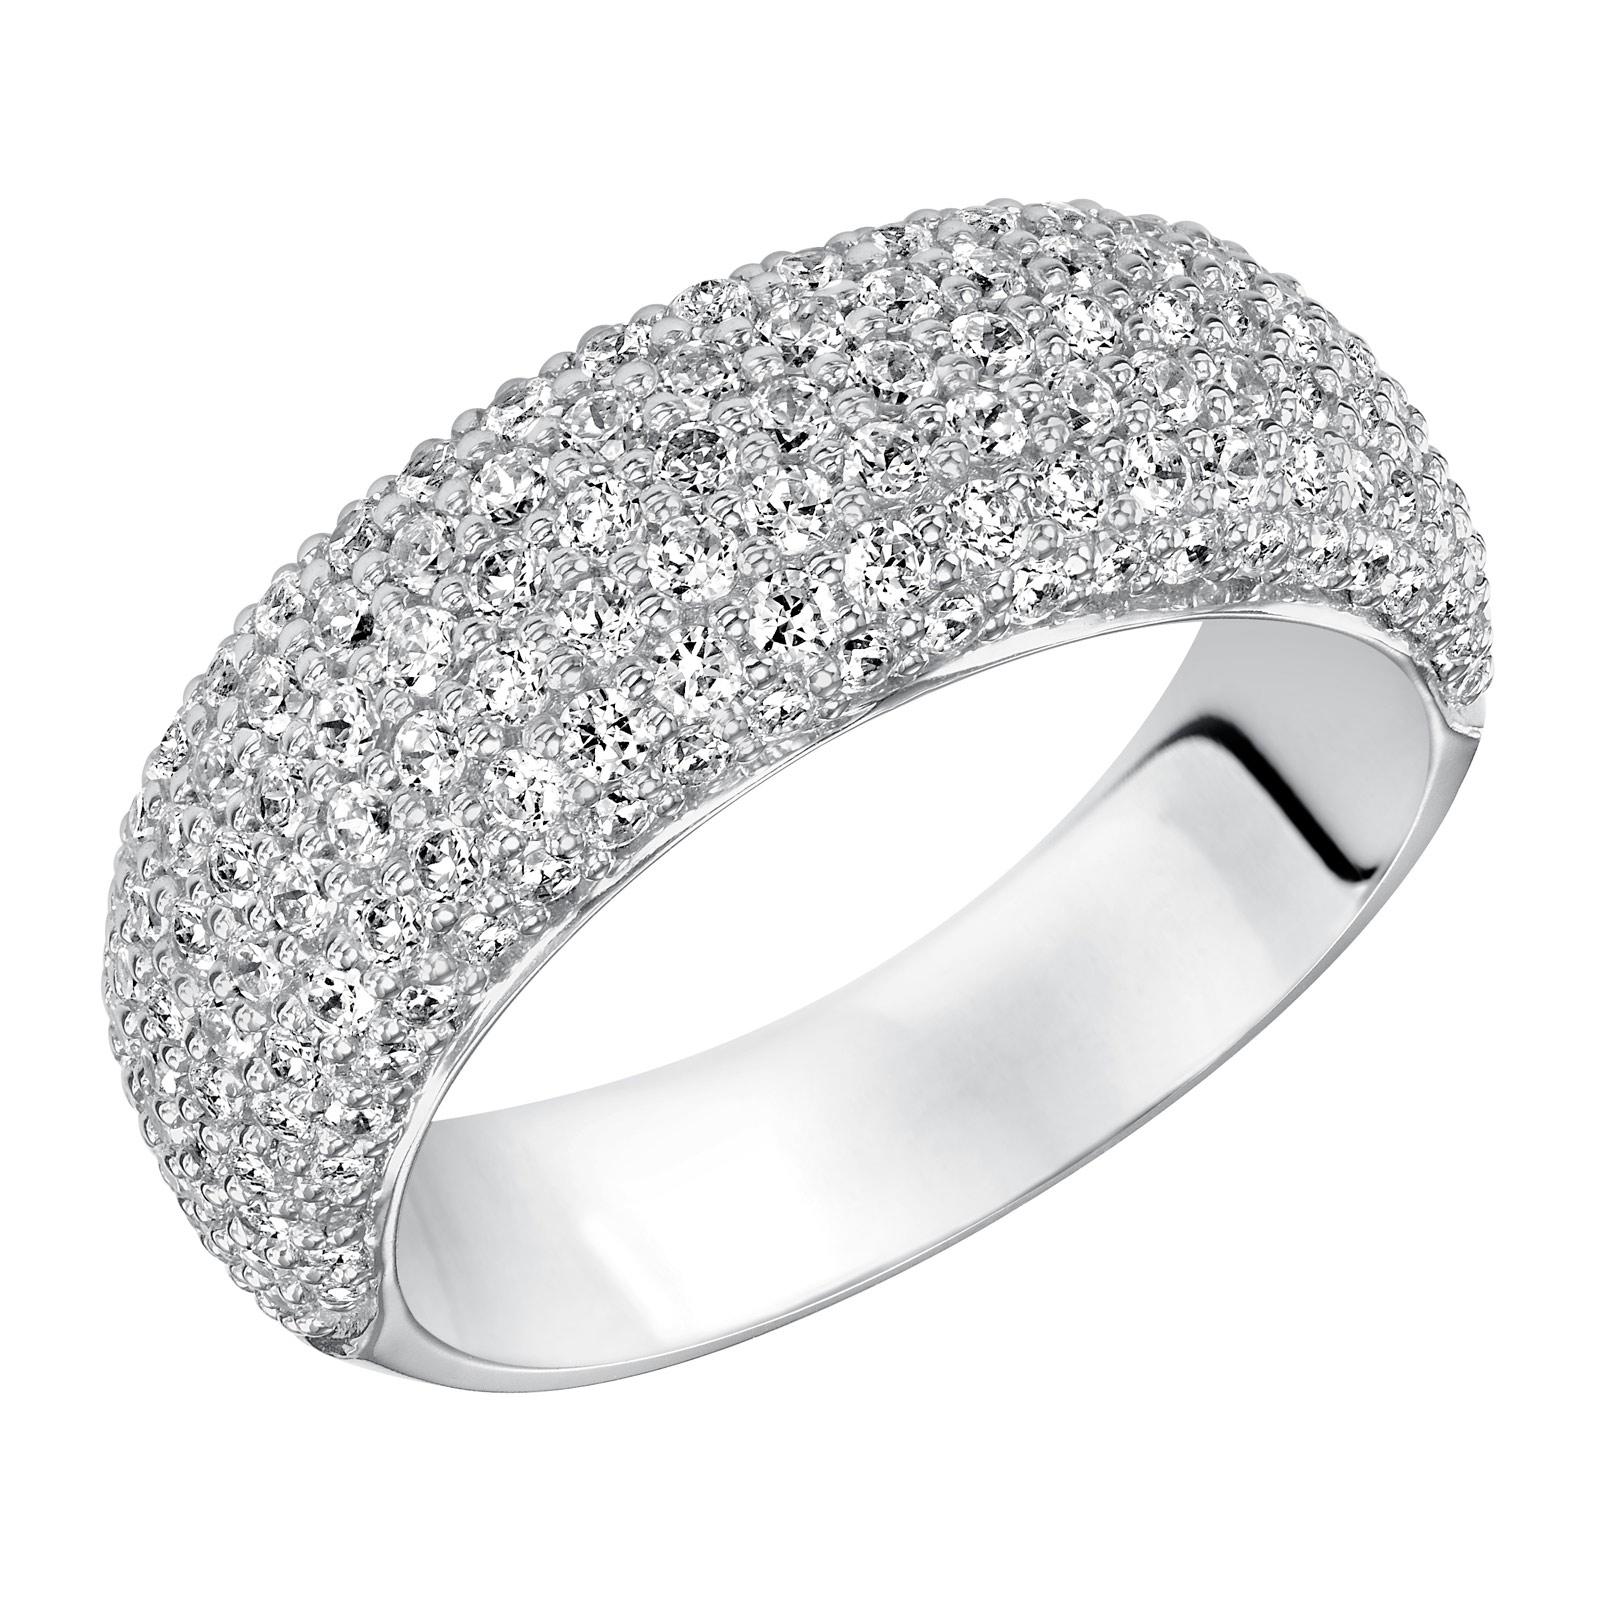 Goldman ring 33 9105w l00 long island ny goldman for Long island wedding bands